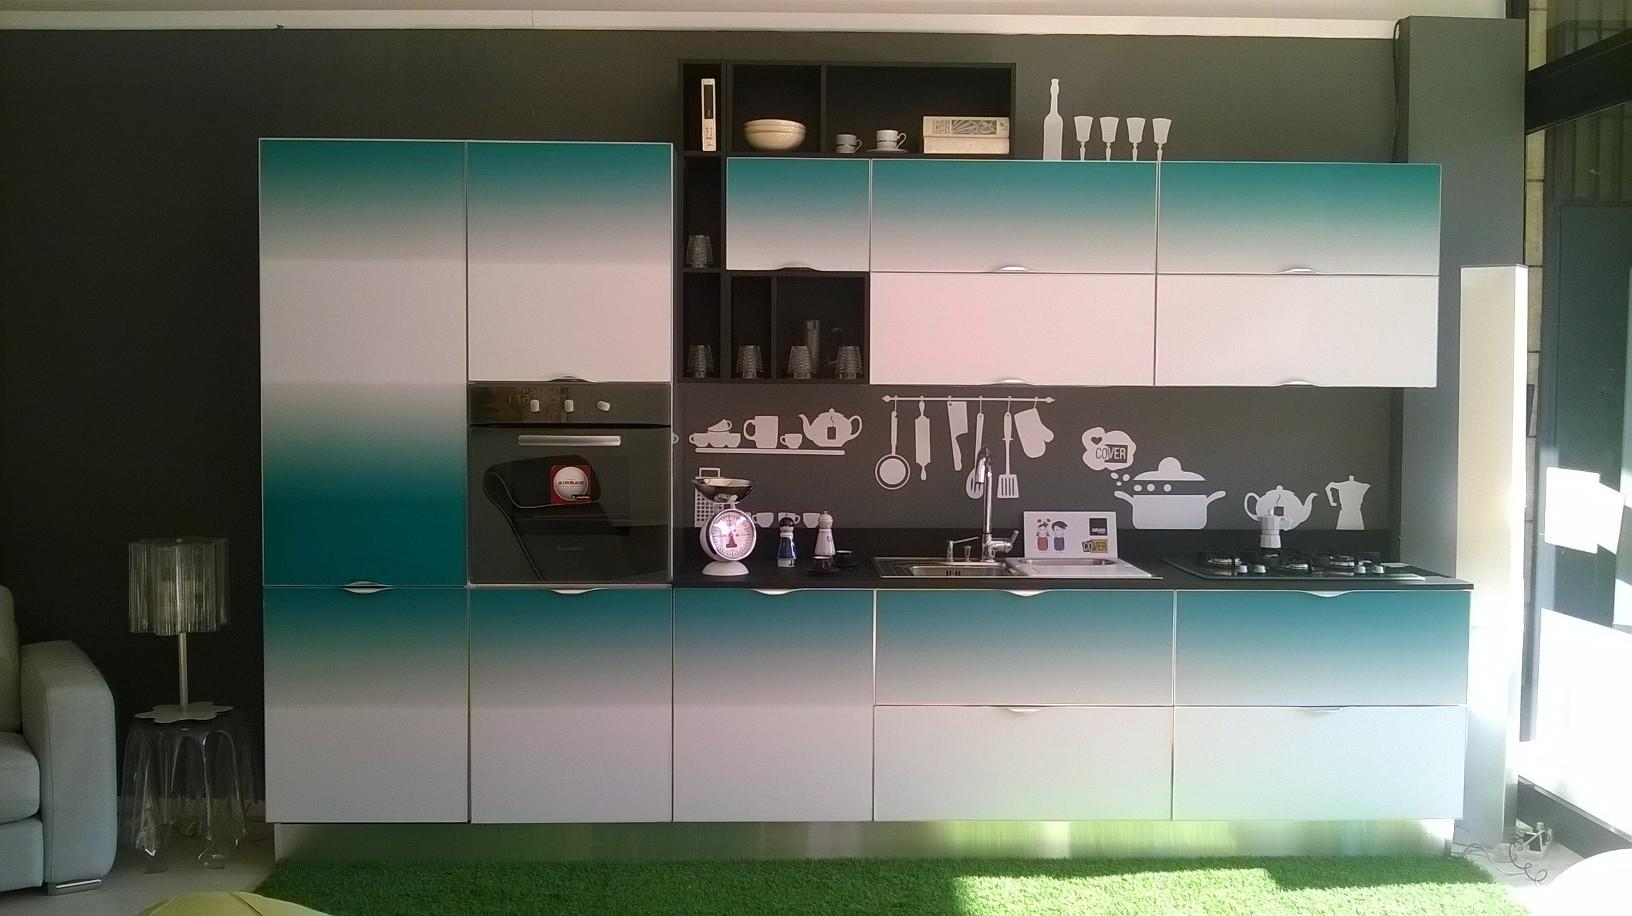 Cucina Aran Del Metri Lineare Con Elettrodomestici Pictures To Pin On  #436E6B 1632 916 Veneta Cucine O Aran